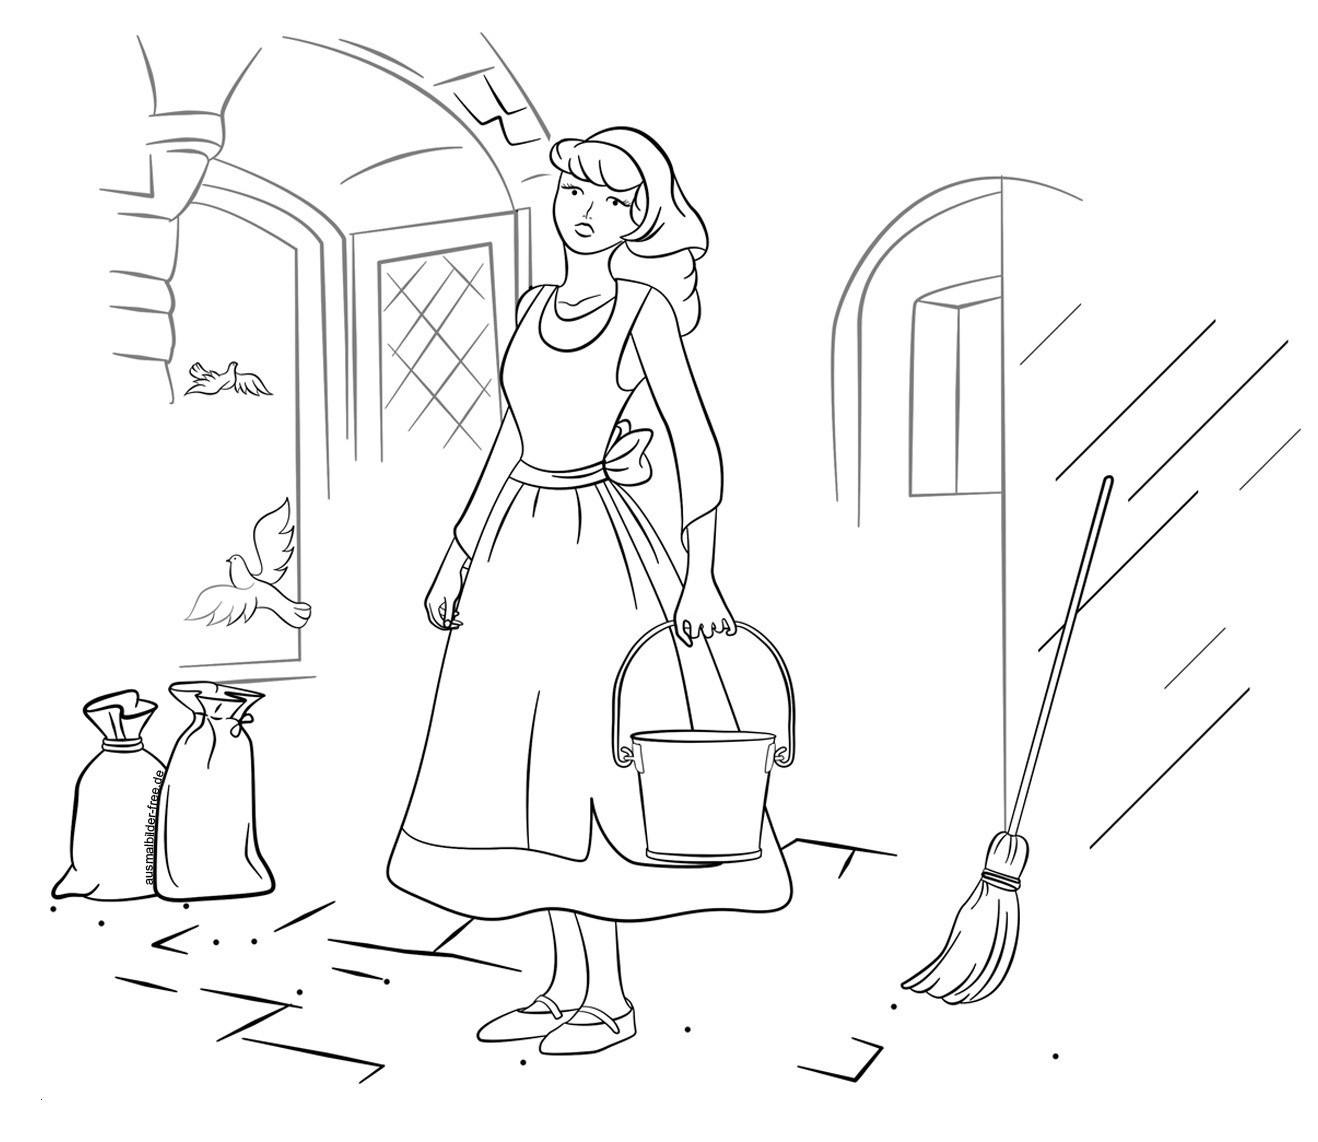 Ausmalbilder Winnie Pooh Und Seine Freunde Malvorlagen Einzigartig 47 Best Malvorlagen Winnie Pooh Beste Malvorlage Das Bild